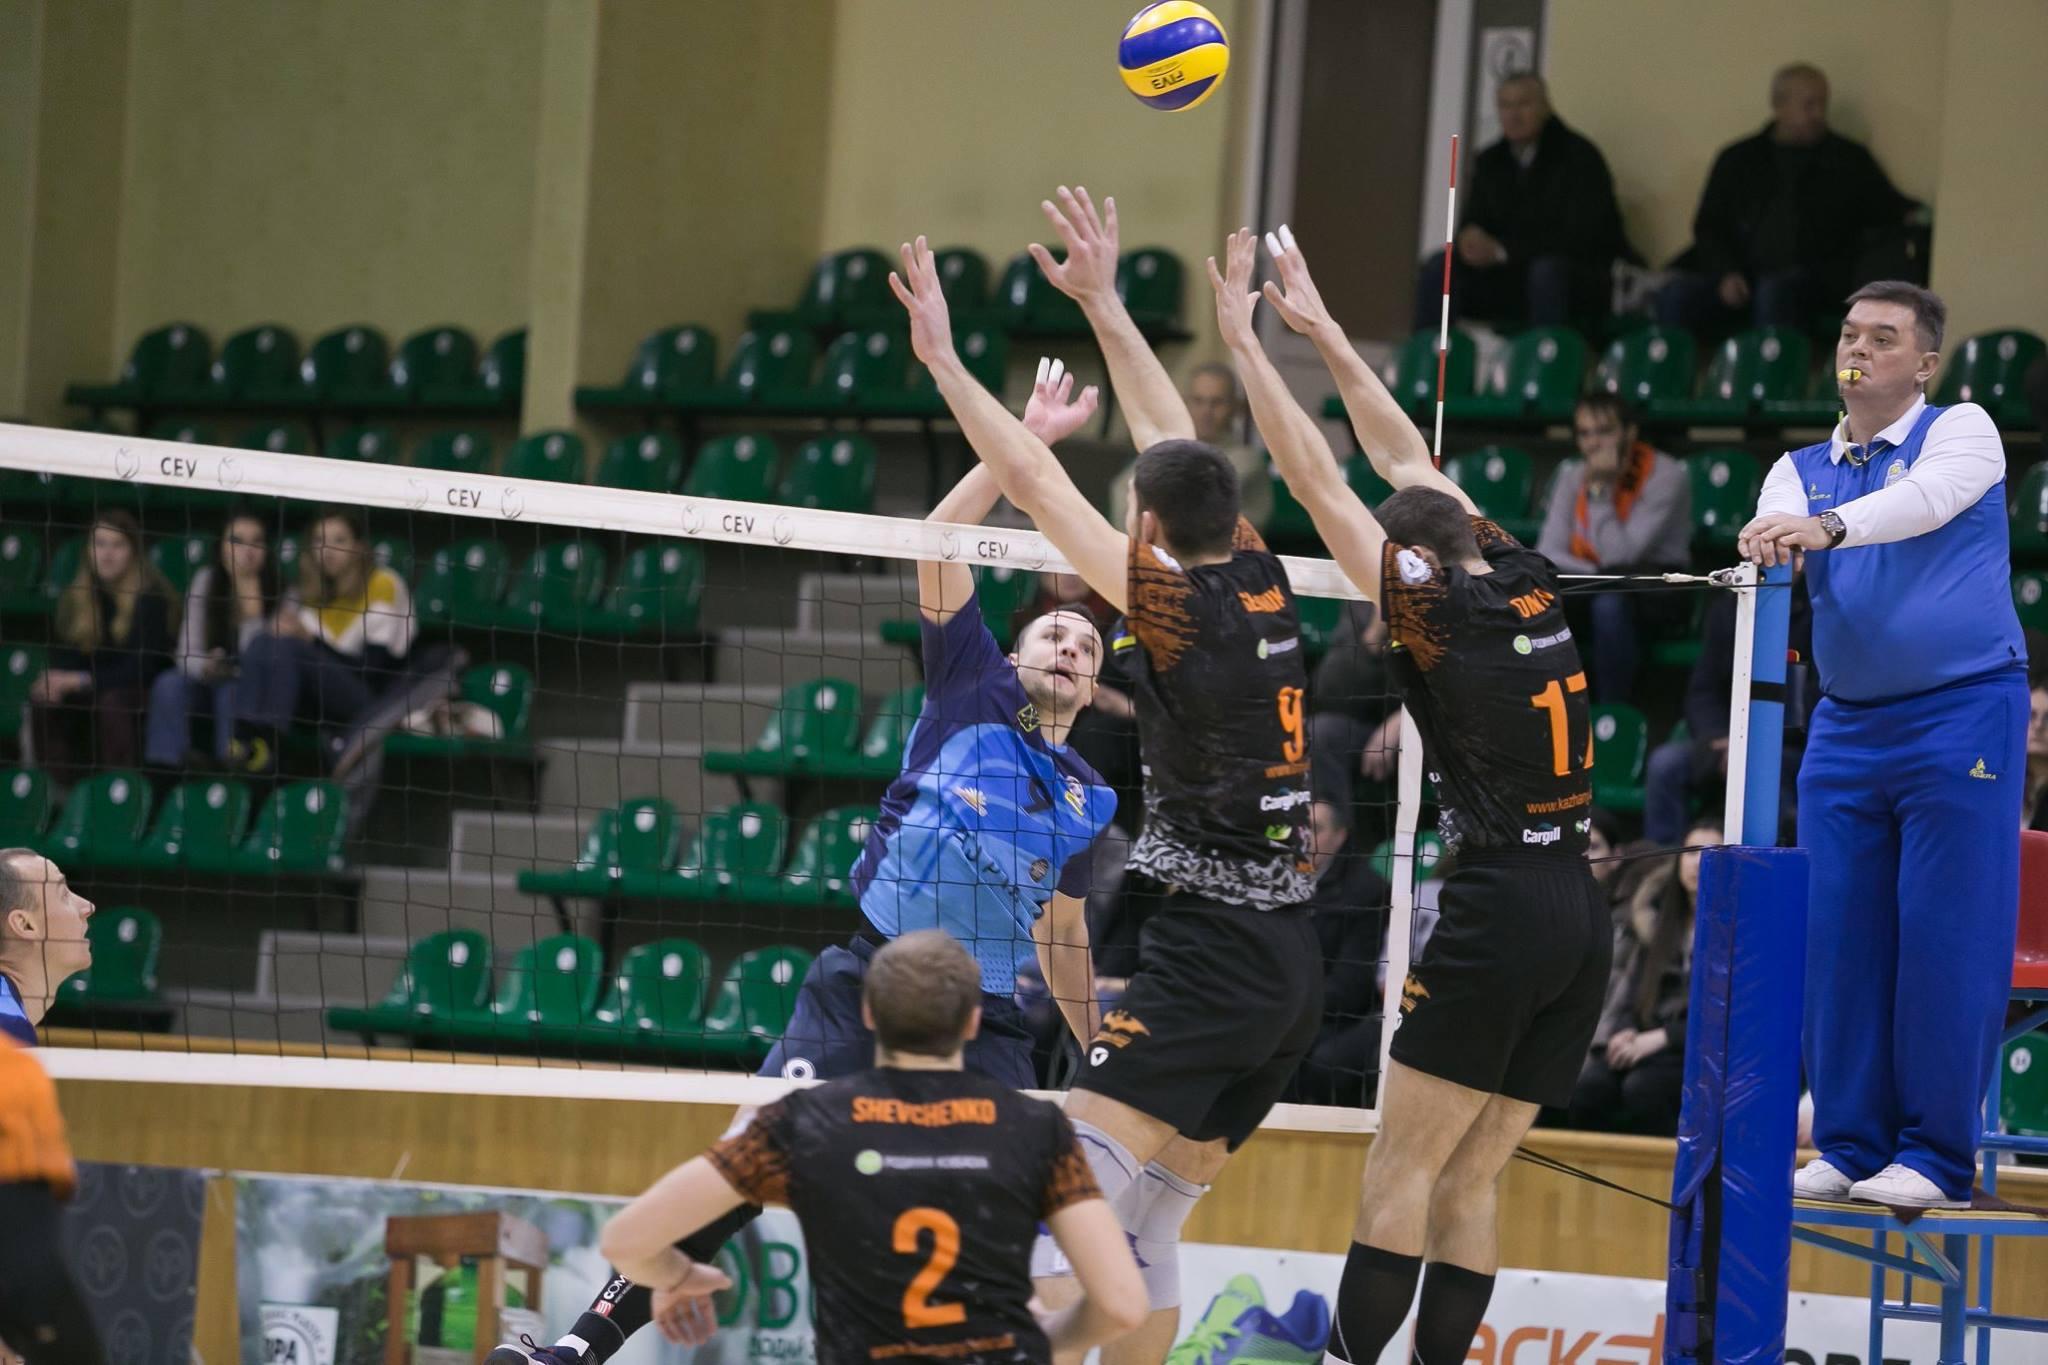 Фотозвіт матчів між «Барком-Кажани» та «Новатор» - 30